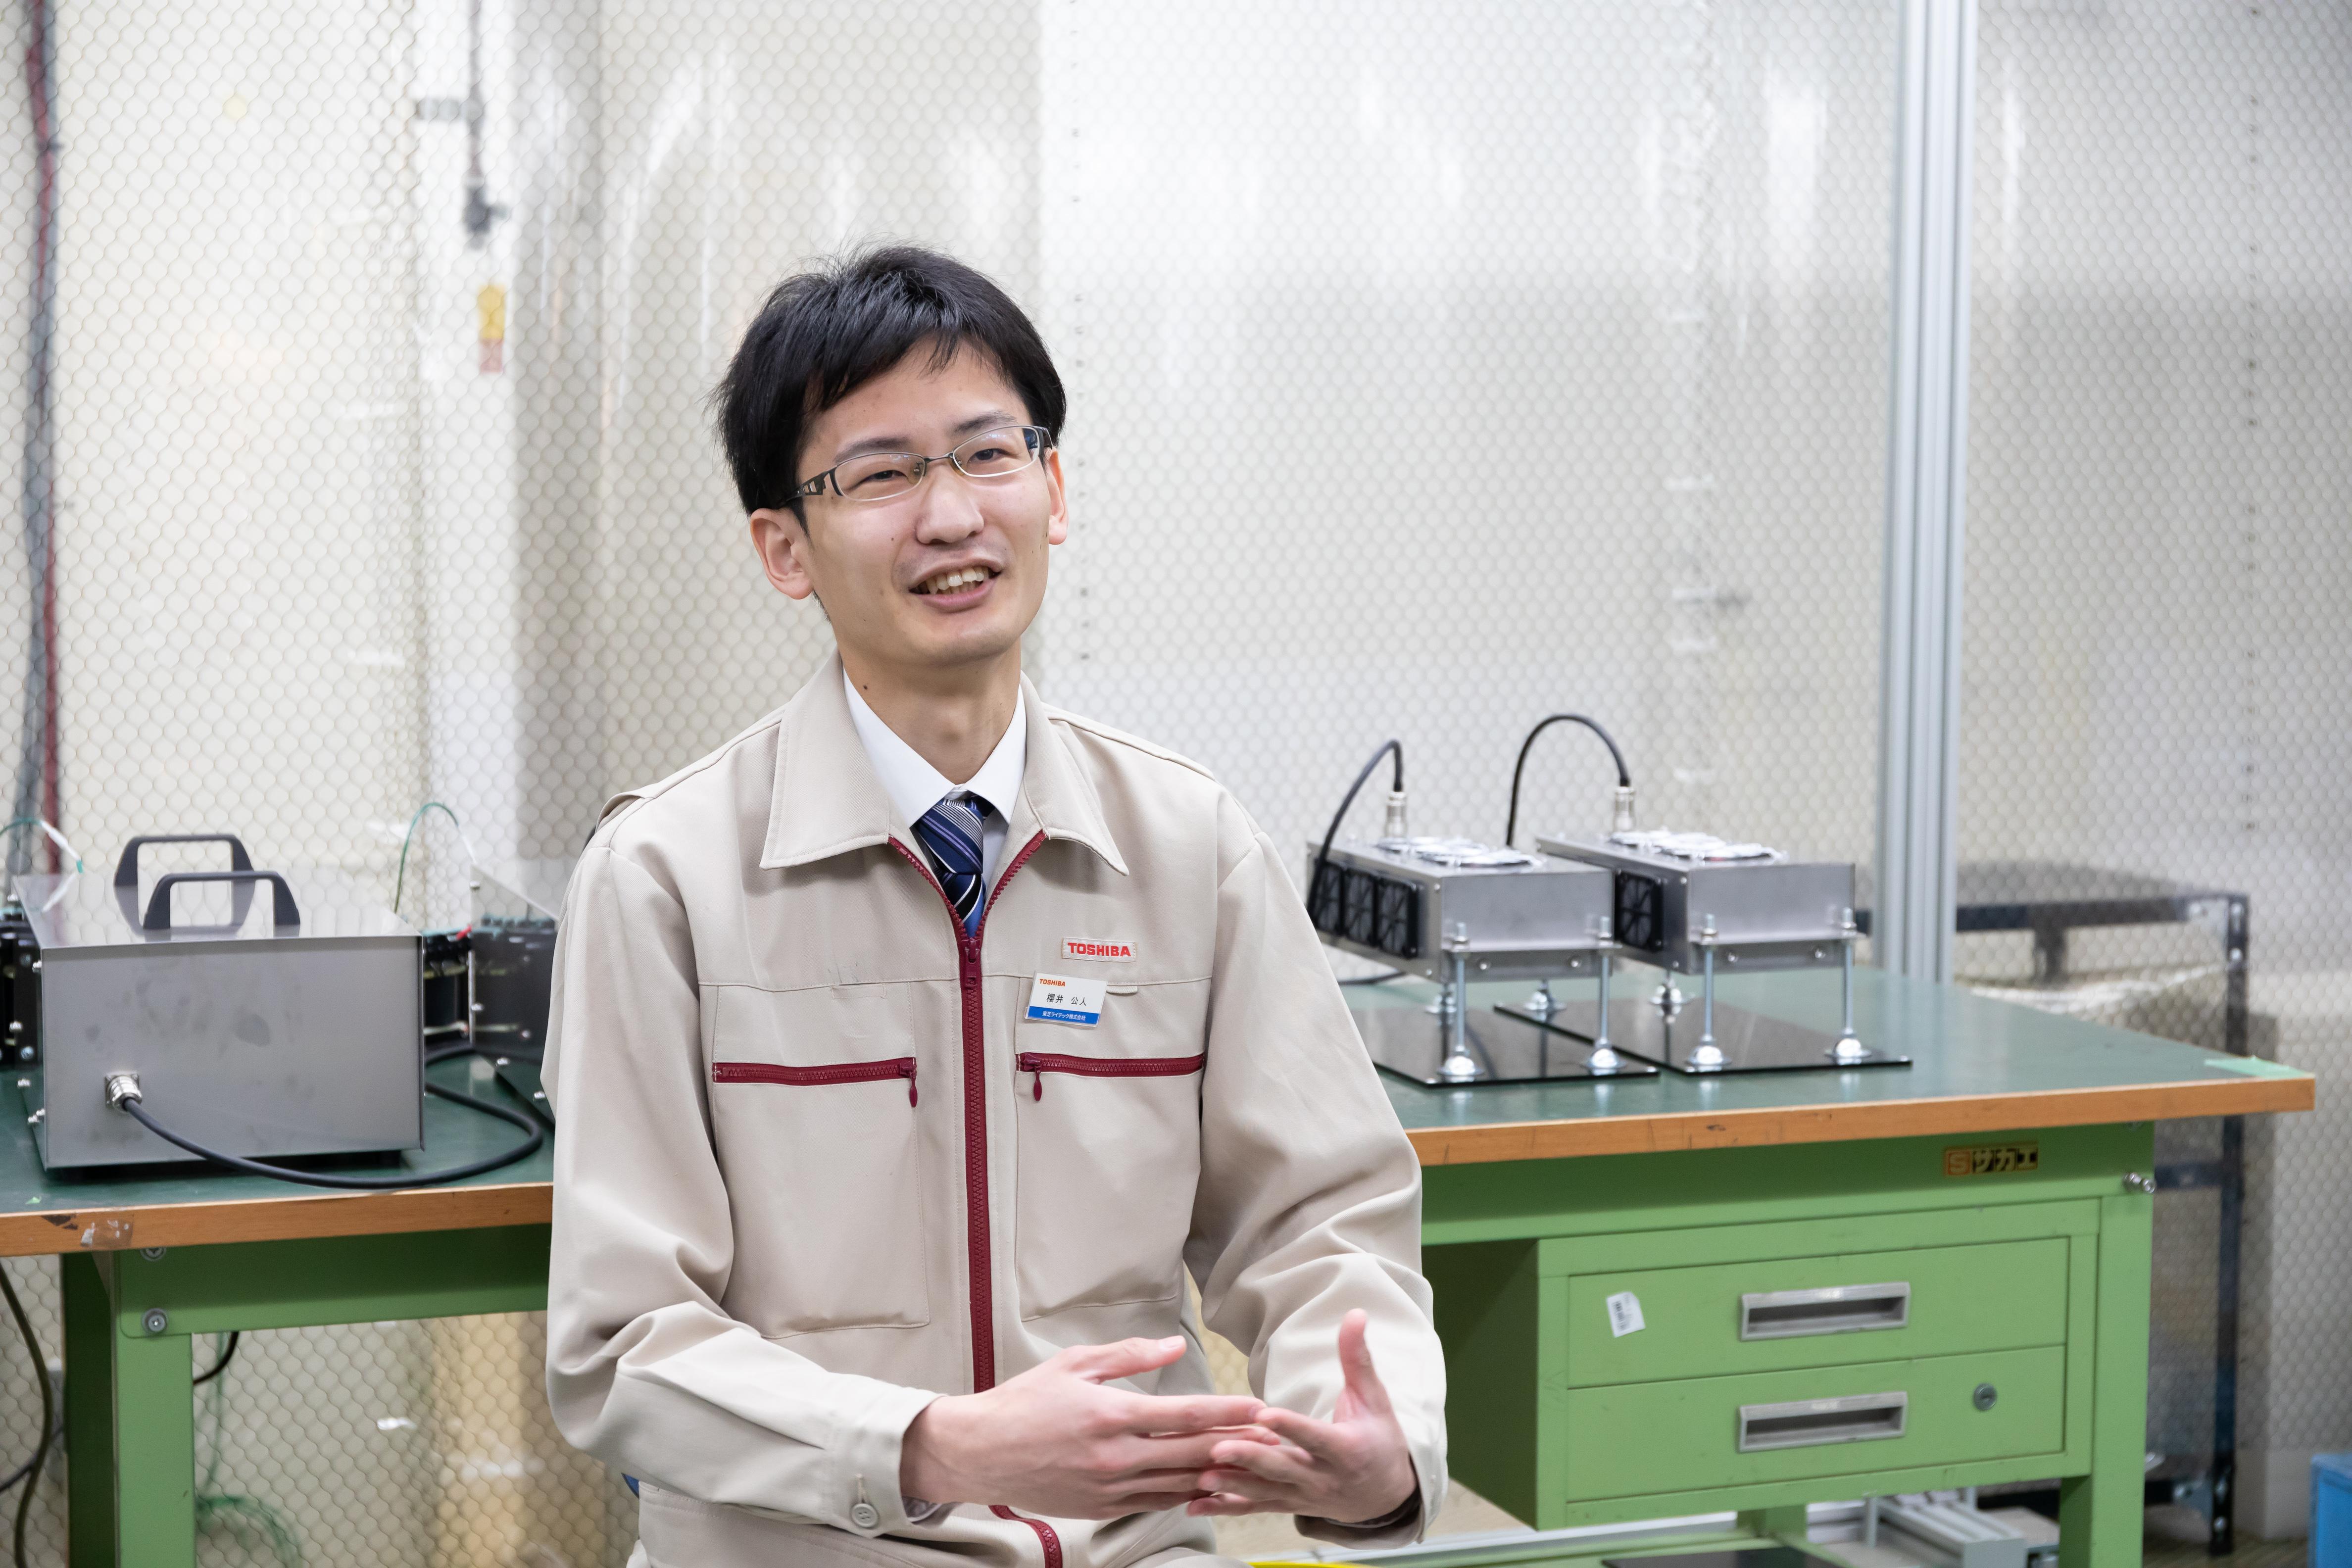 東芝ライテック株式会社 UV技術開発部門 櫻井 公人氏